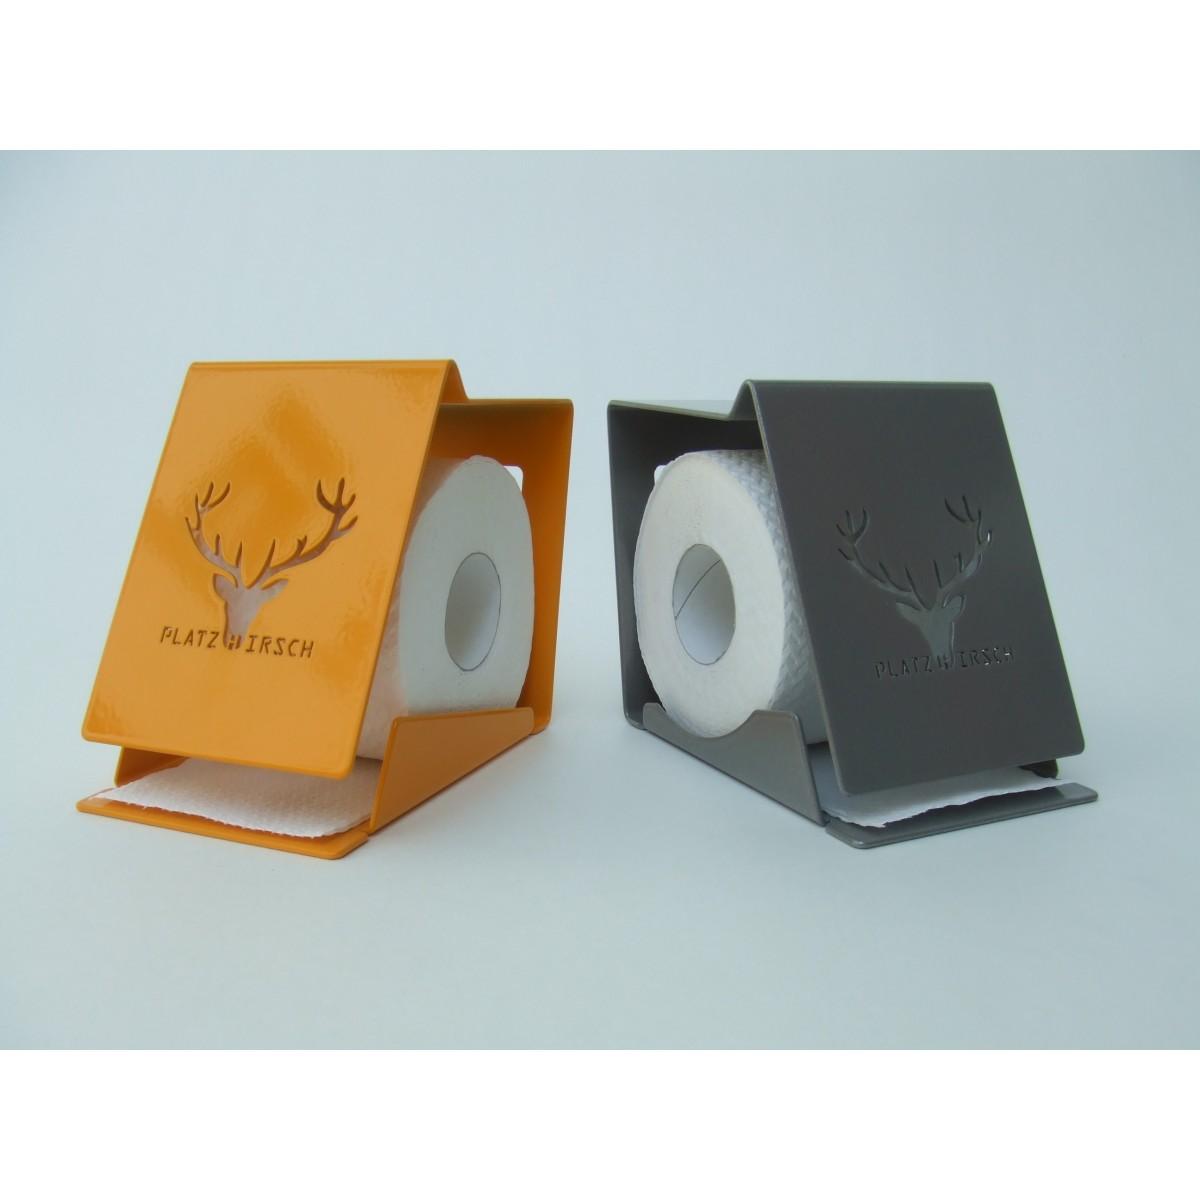 ulf seydell rollenhalter platzhirsch in grau oder gelb. Black Bedroom Furniture Sets. Home Design Ideas